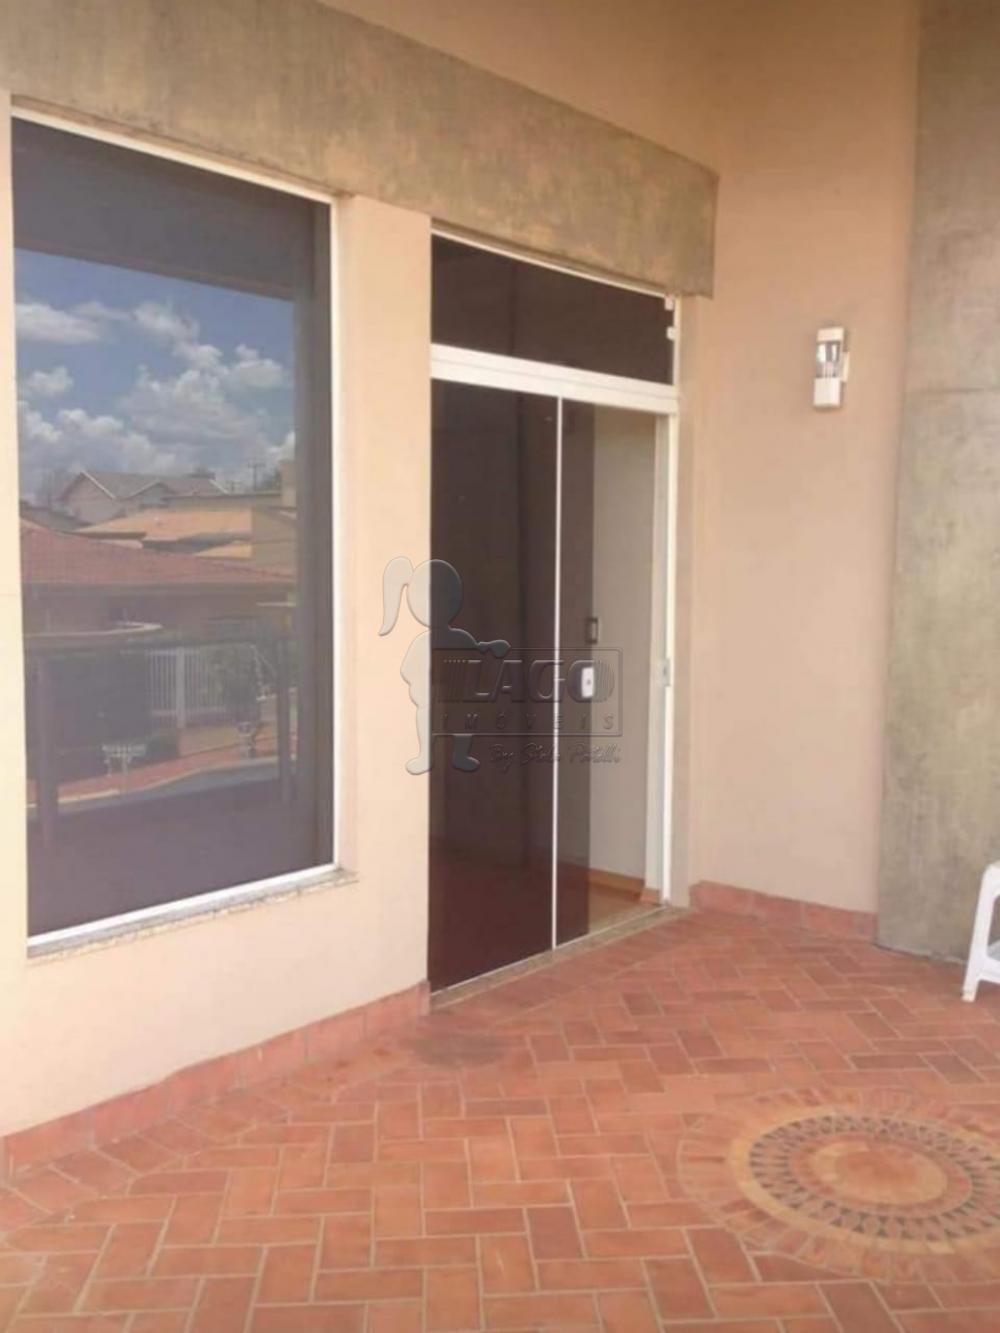 Comprar Casas / Padrão em Ribeirão Preto apenas R$ 680.000,00 - Foto 9